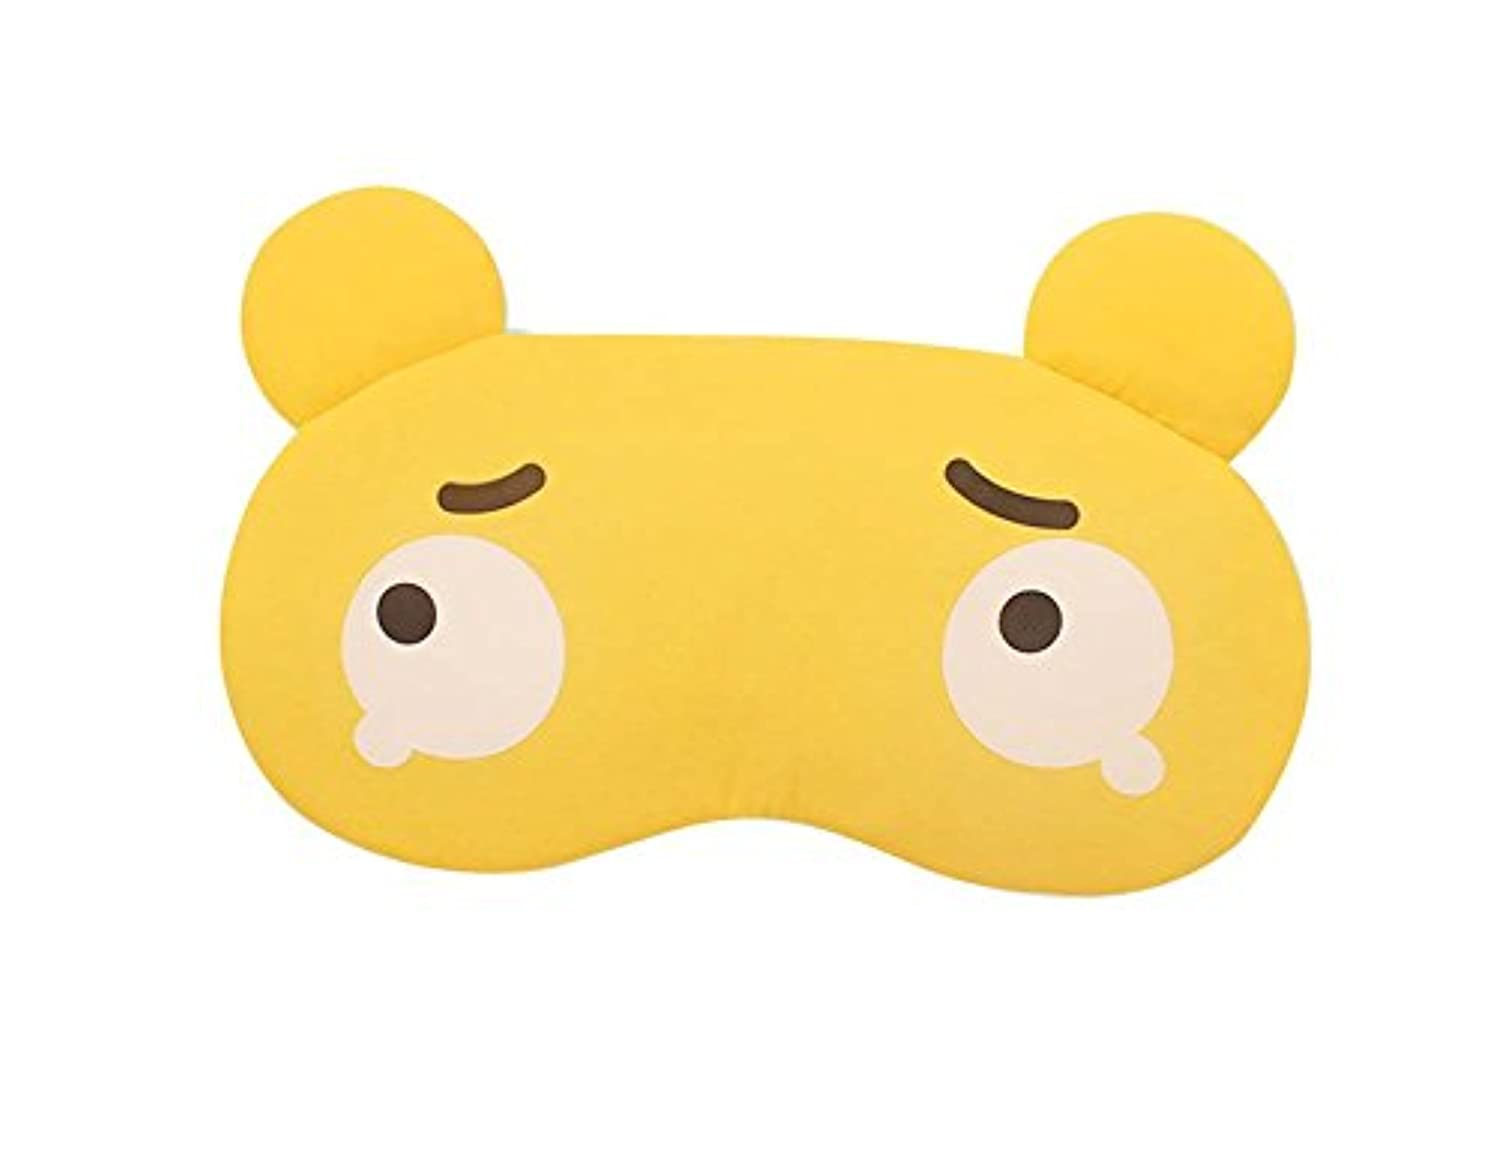 満足させる解読するふける黄色の泣きかわいい睡眠アイマスク快適なアイカバー通気性のあるアイシェード